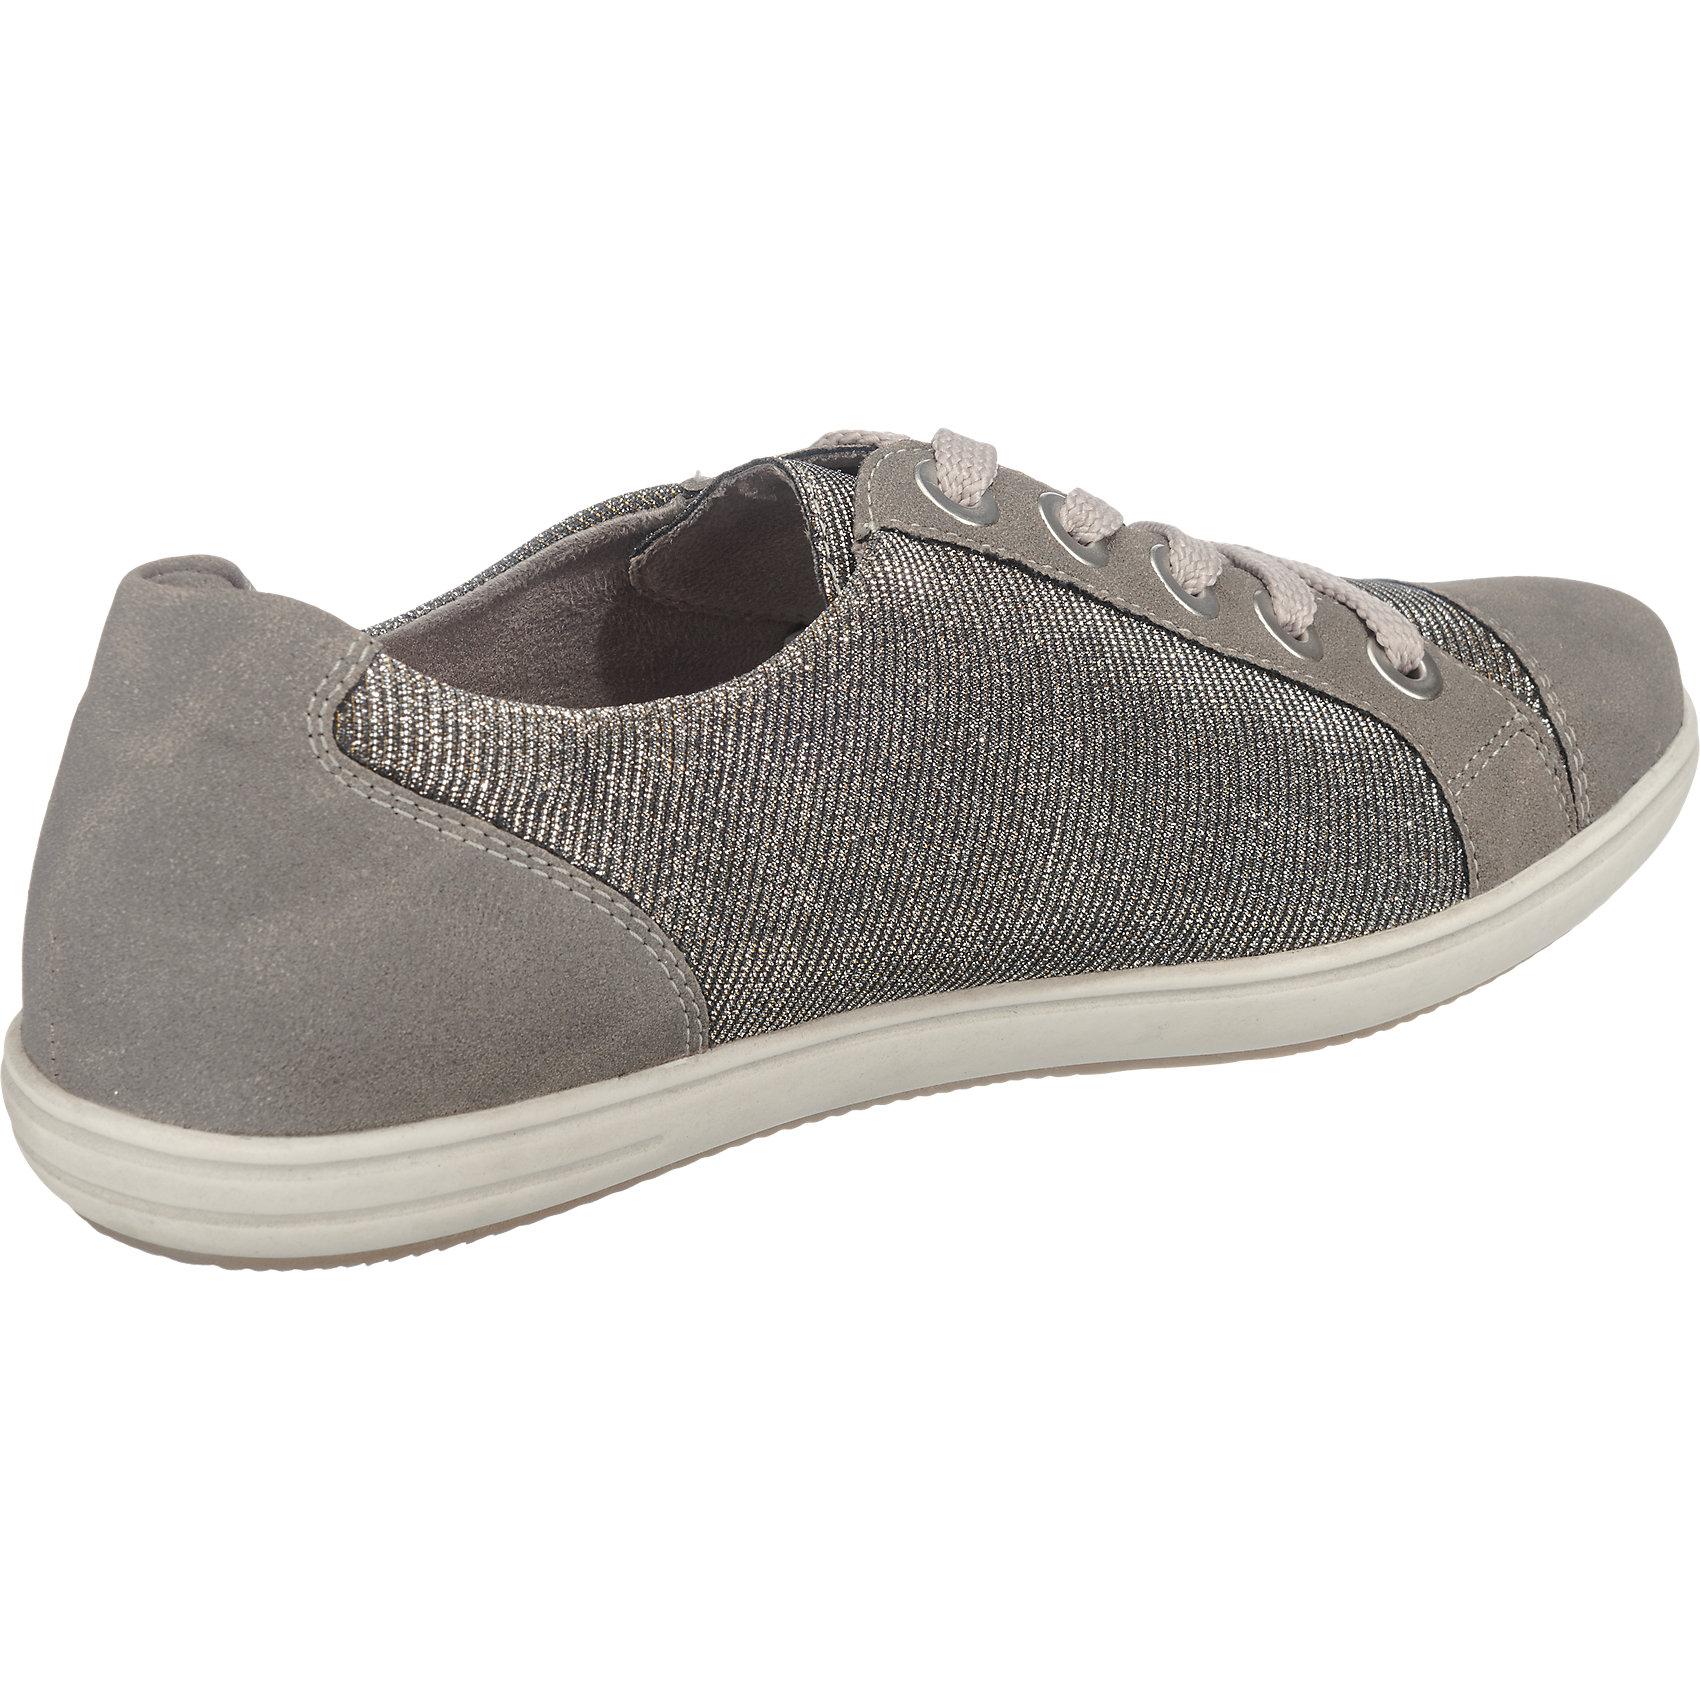 Neu Neu Neu remonte 5765608 Sneakers grau 5765608 remonte d5b421 ... 1aa0a9